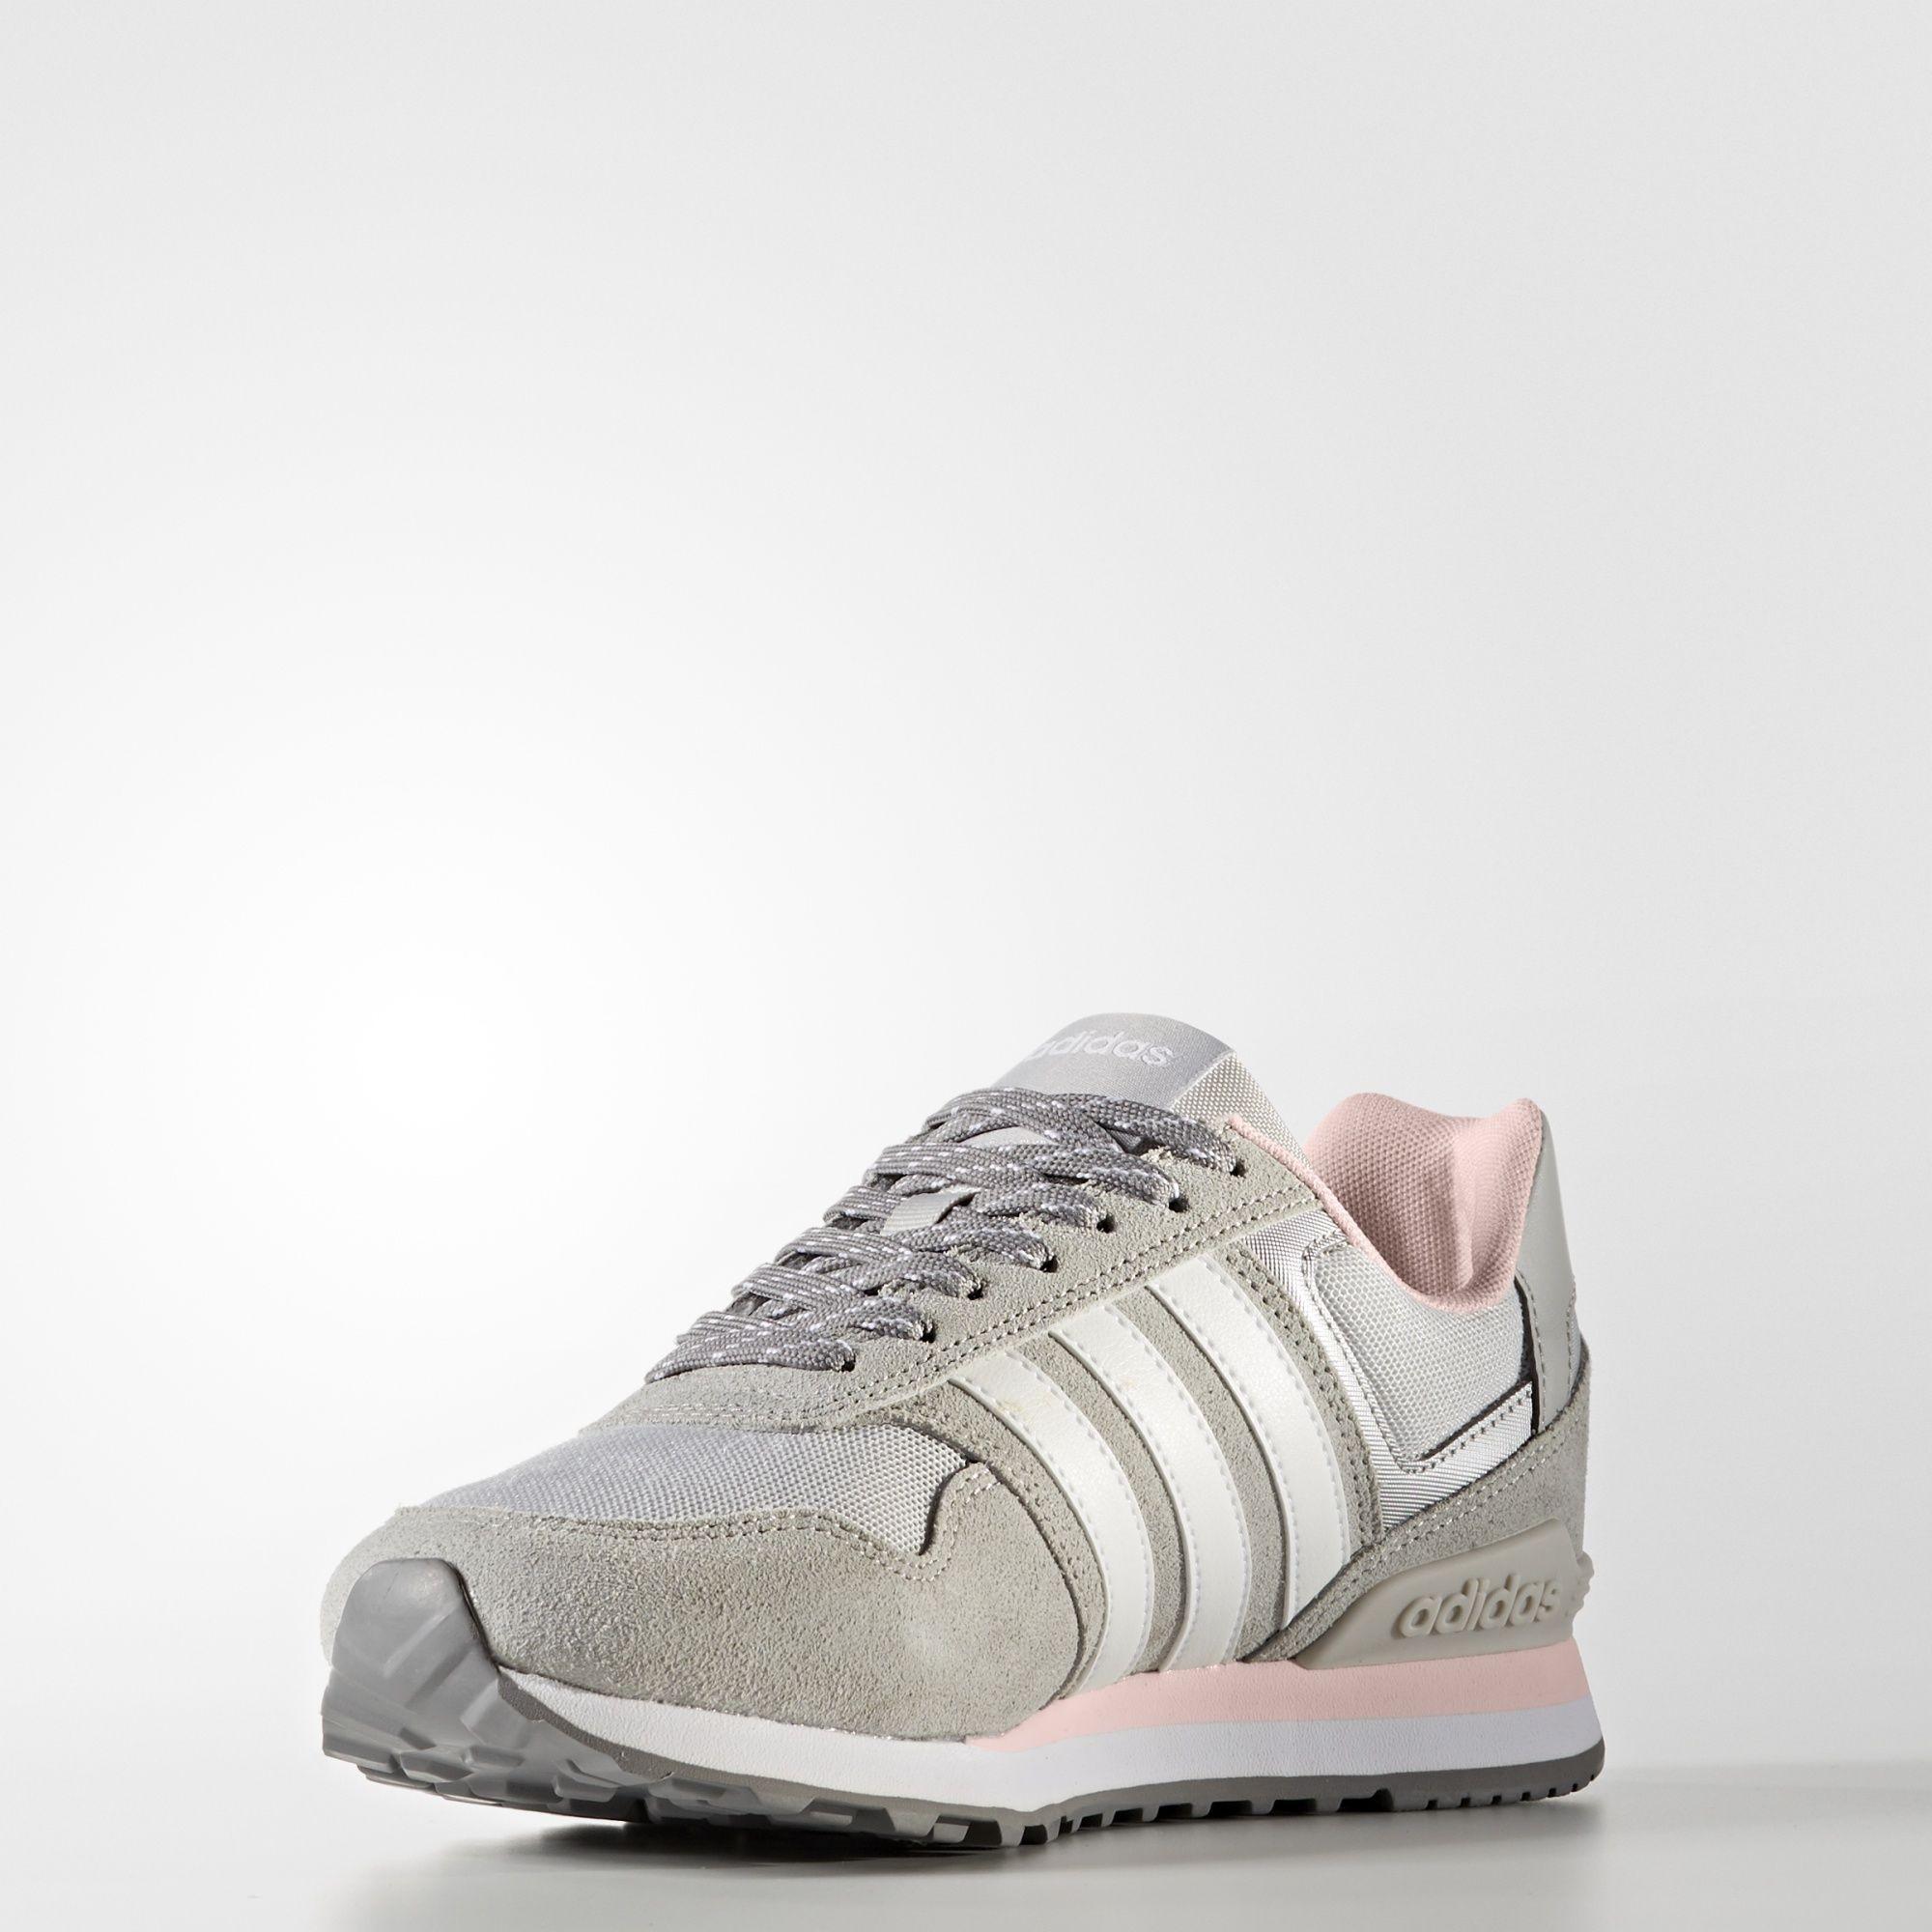 adidas neo gris y rosa,adidas neo gris y rosa vente,adidas neo ...